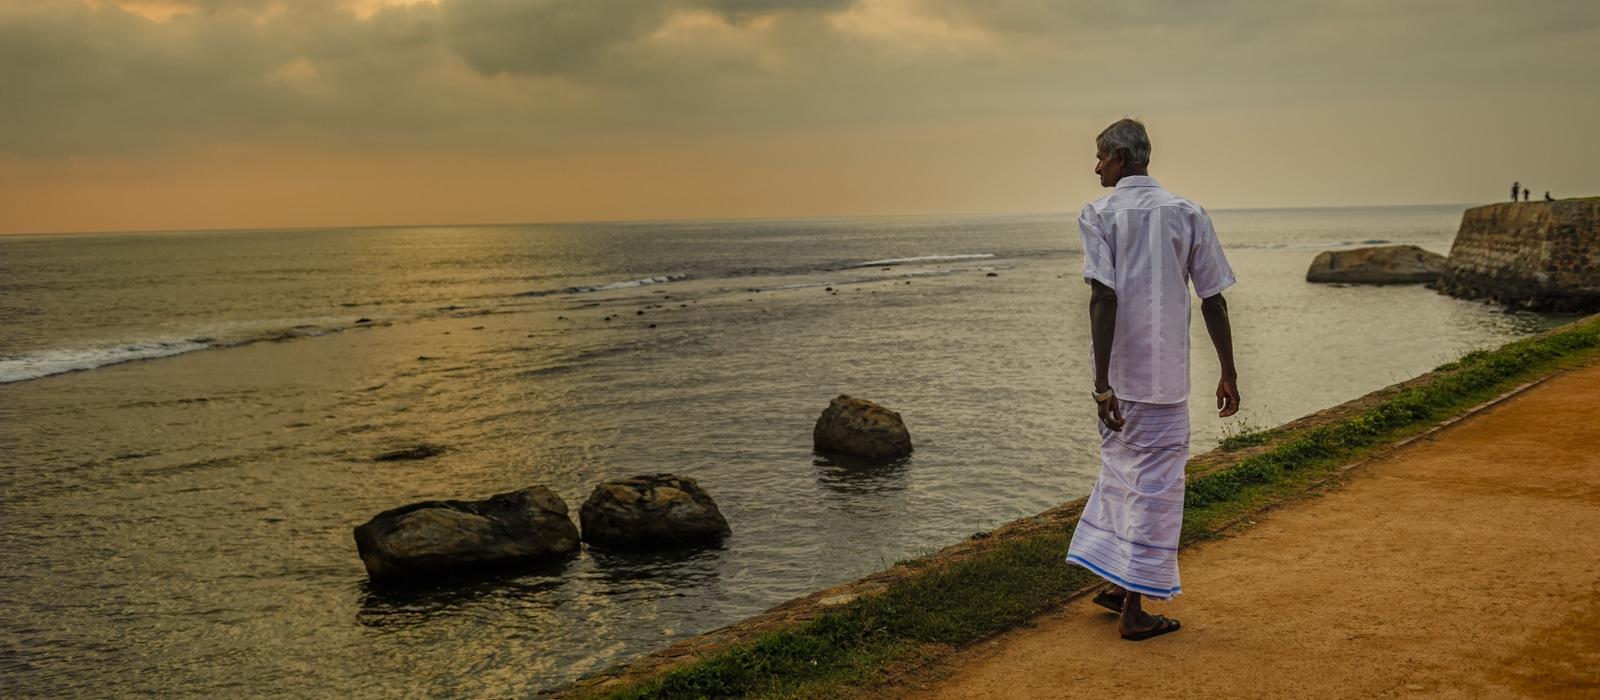 img-diapo-entete - Sri-Lanka-1600x700-1.jpg